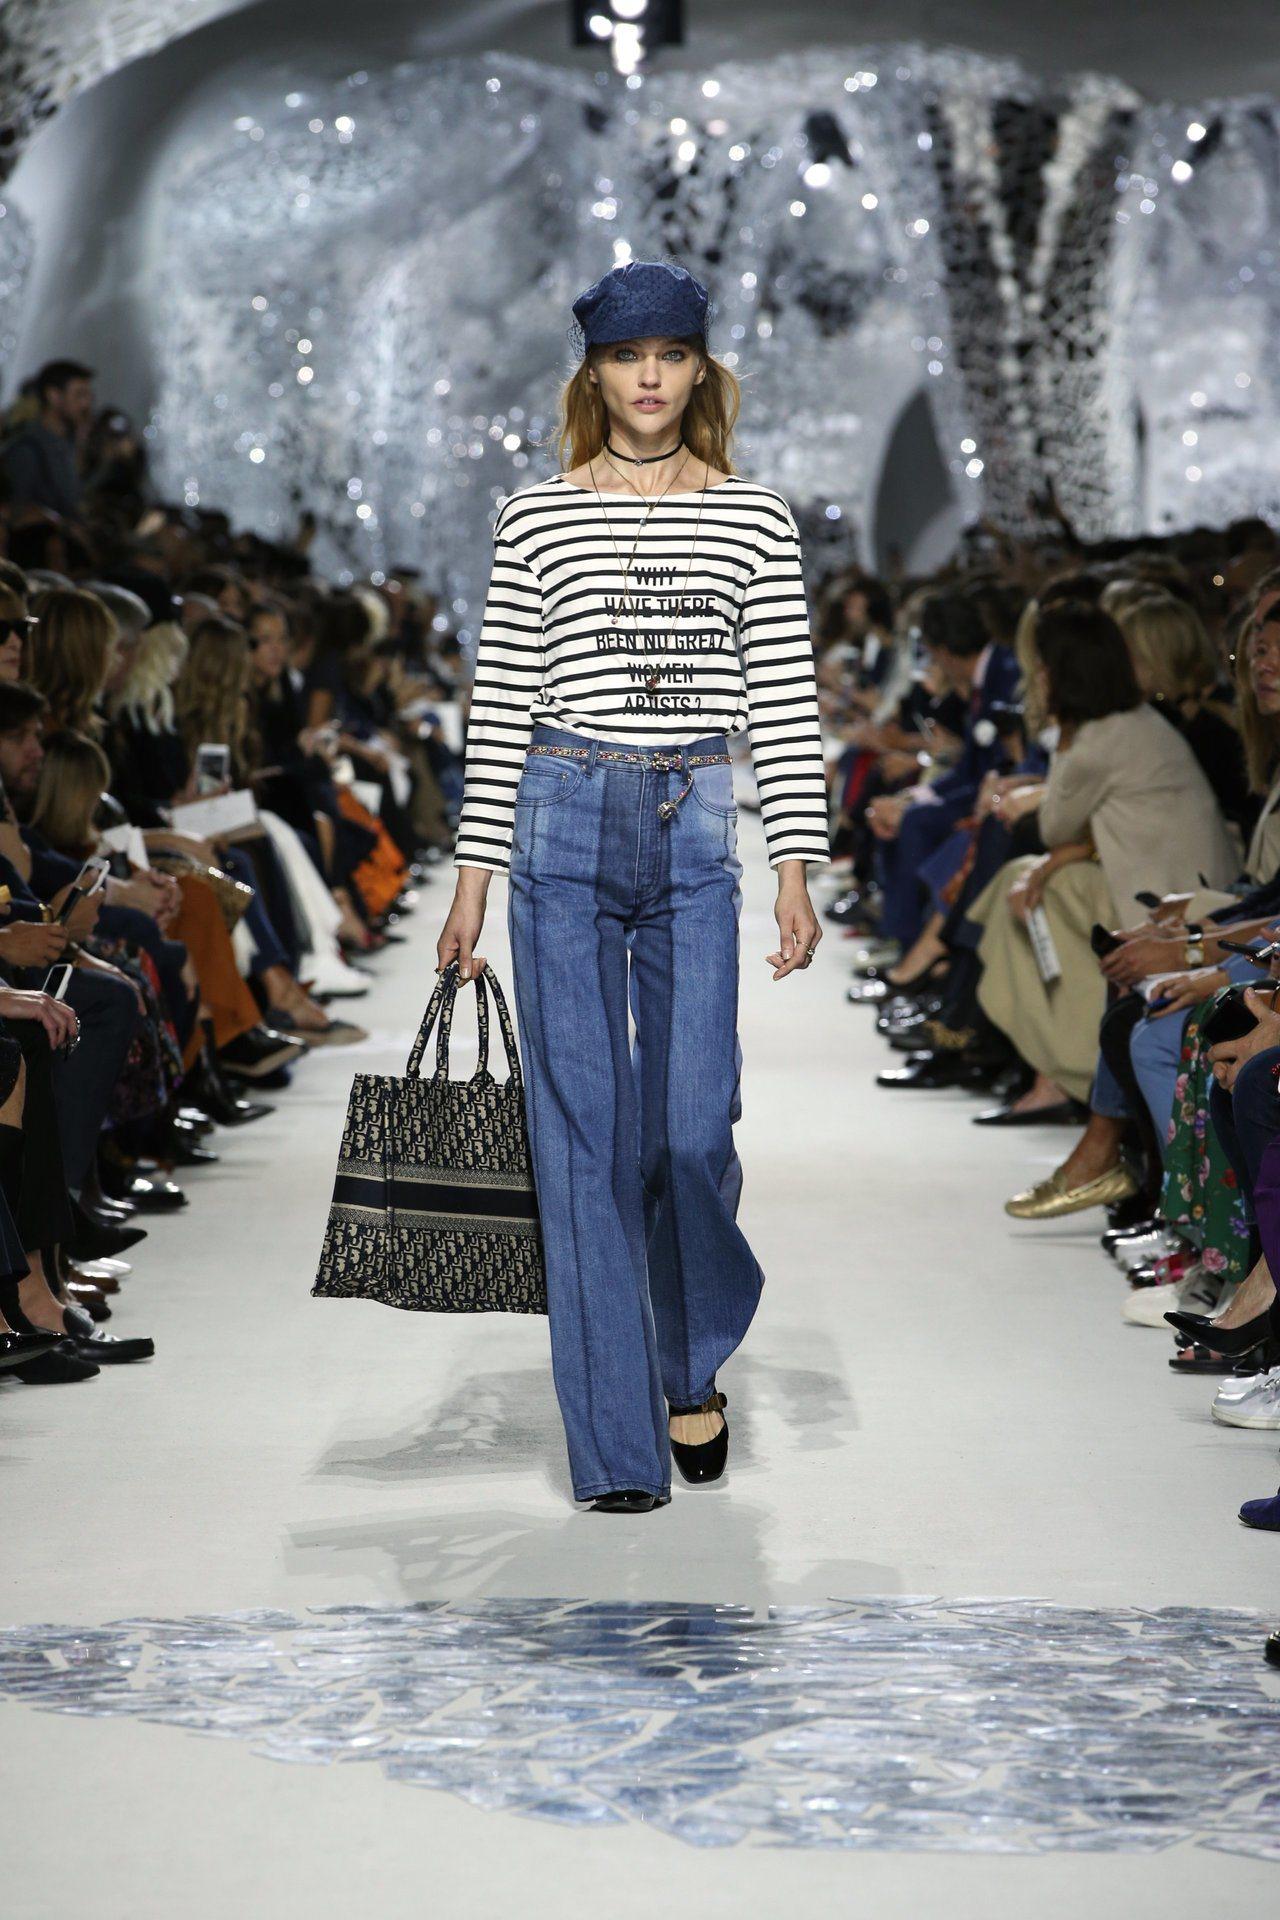 Dior 開場即問:「為什麼沒有偉大的女性藝術家?」點出本季主題。圖/迪奧提供 ...